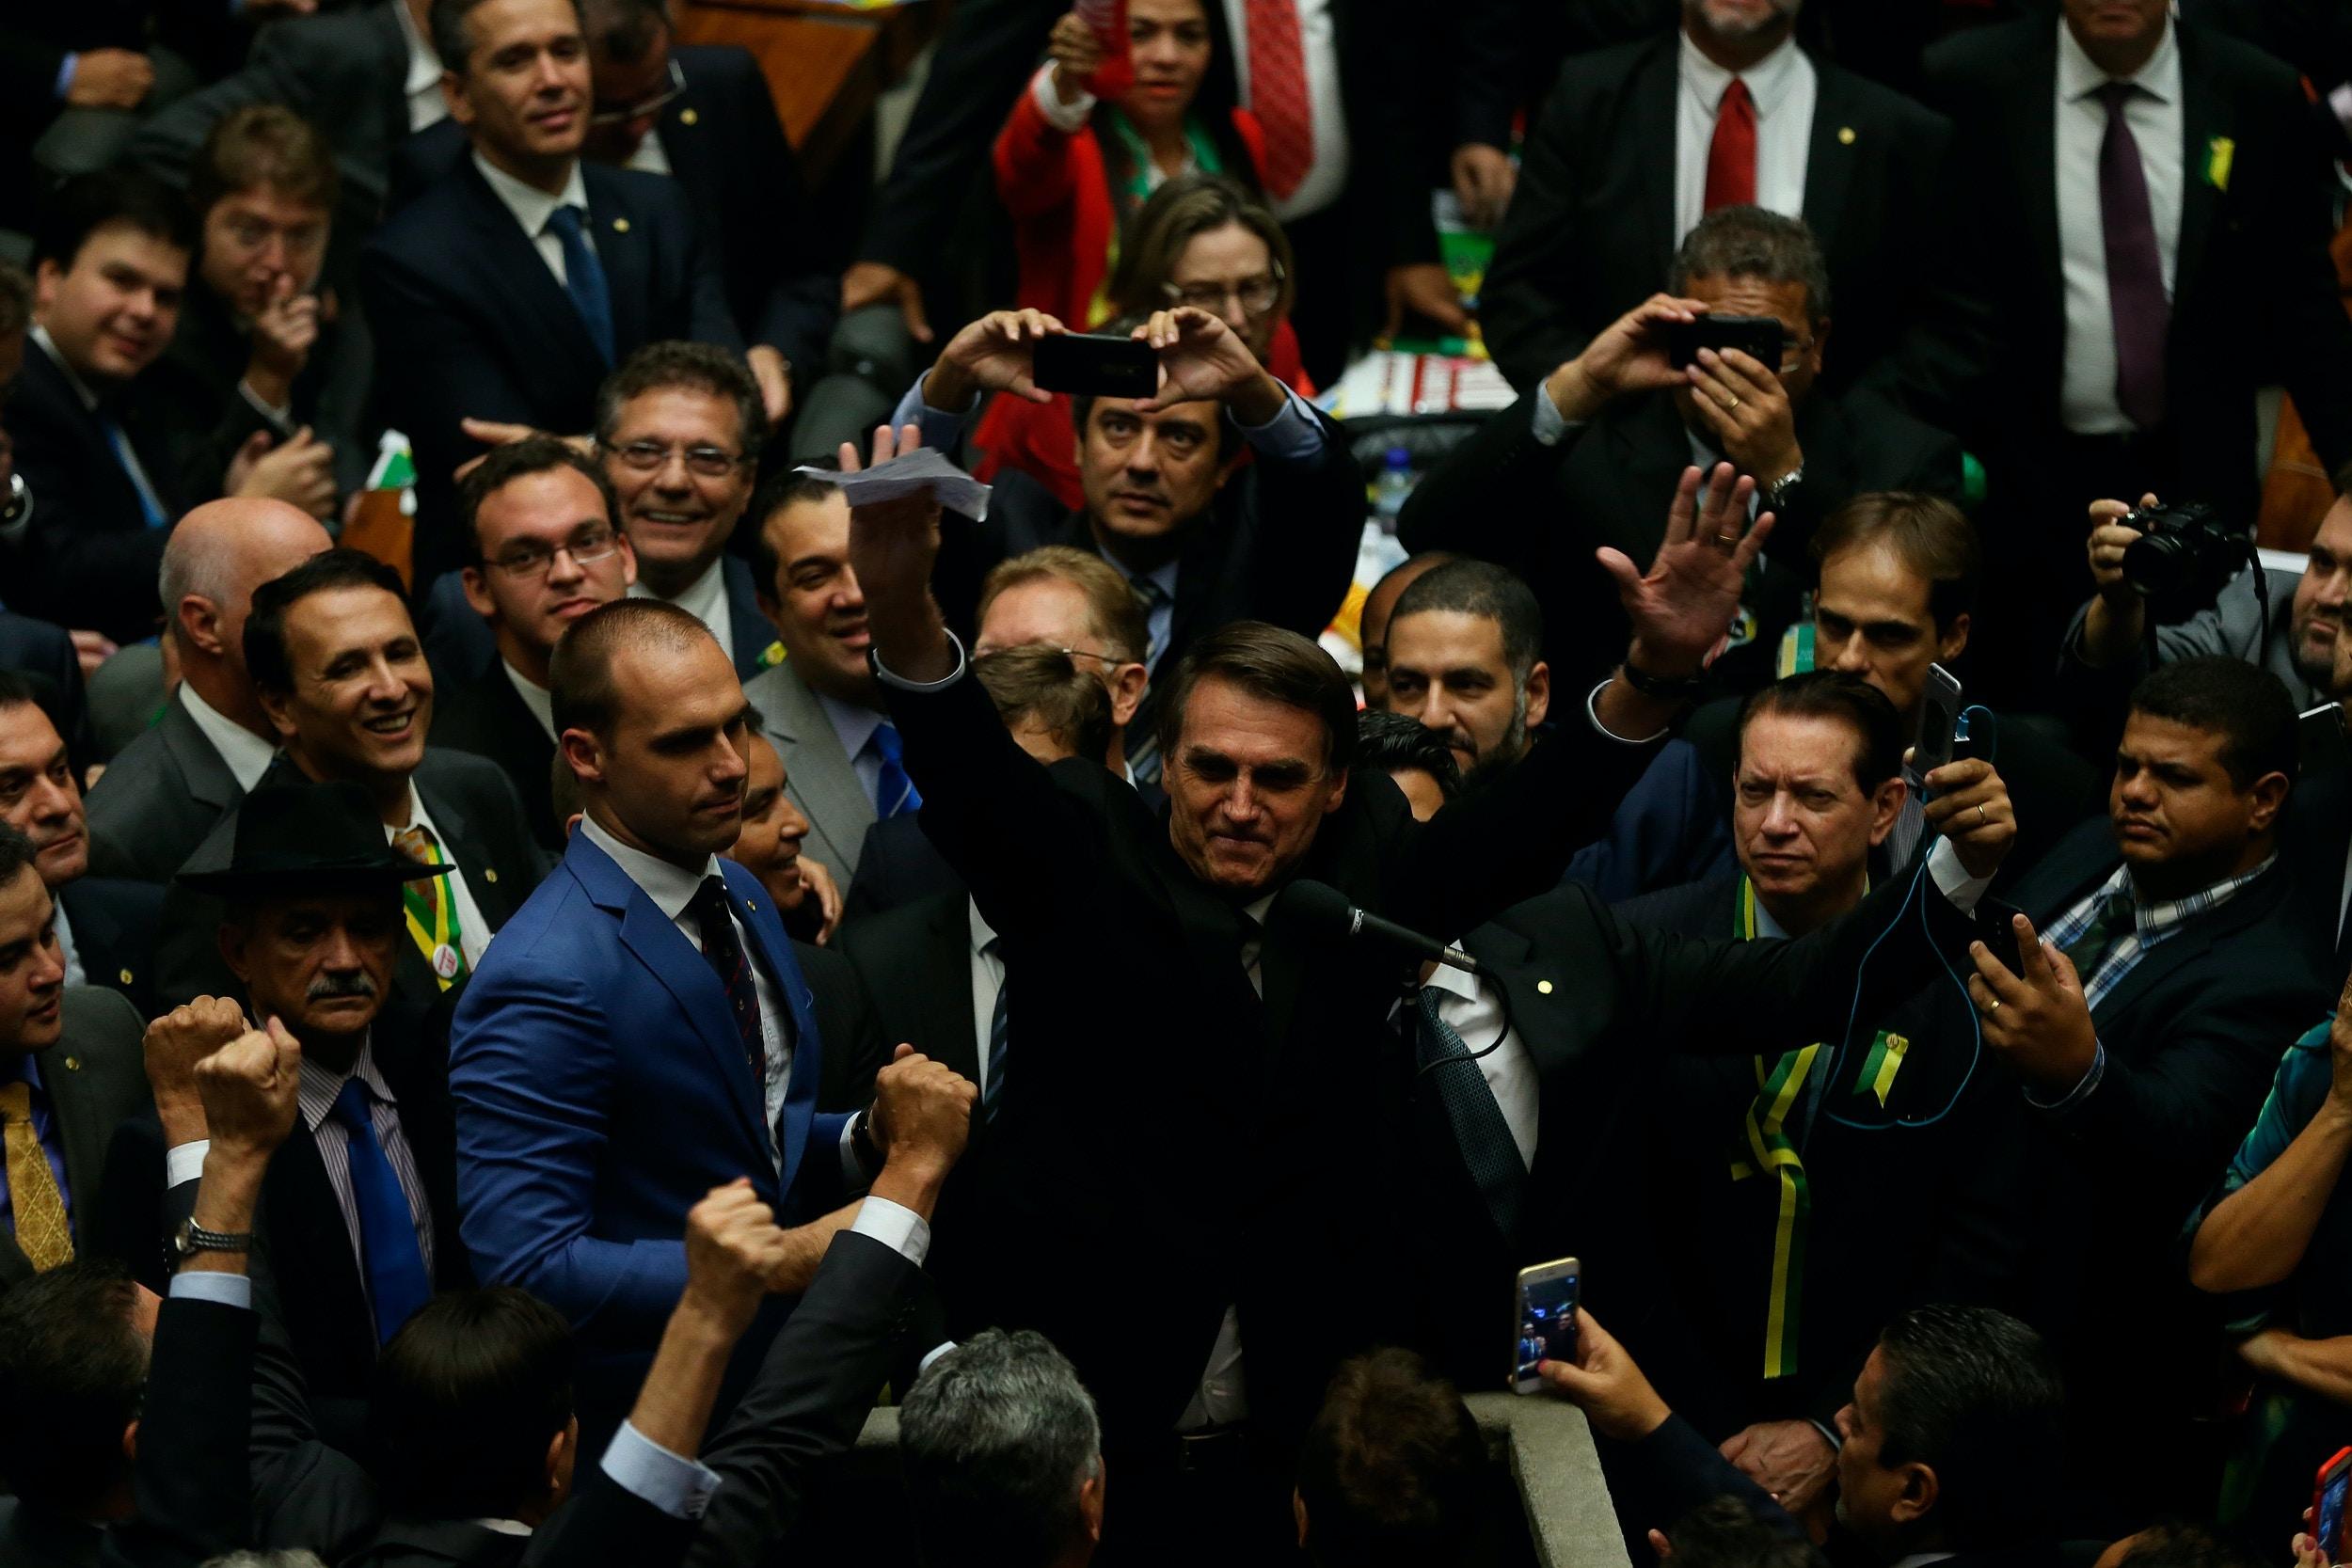 O então deputado Jair Bolsonaro vota na sessão da Câmara dos Deputados para votar o pedido de impeachment da presidente Dilma Rousseff.